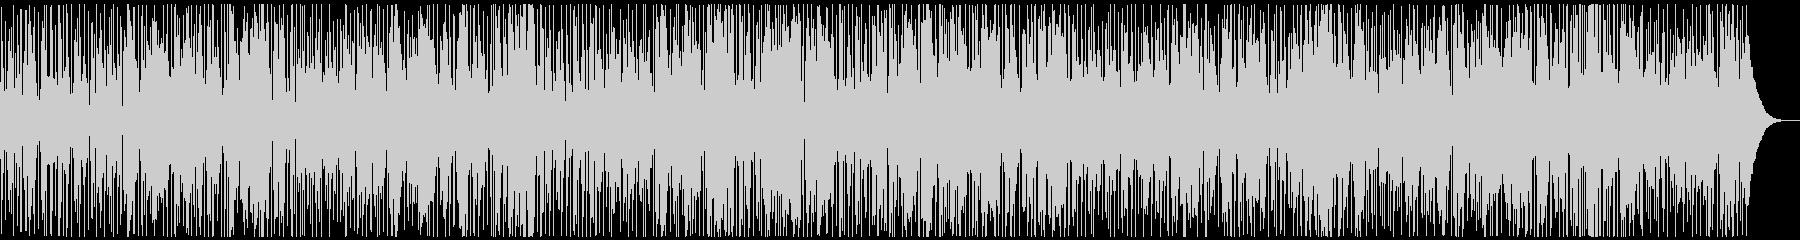 お洒落なジャズファンクBGMの未再生の波形